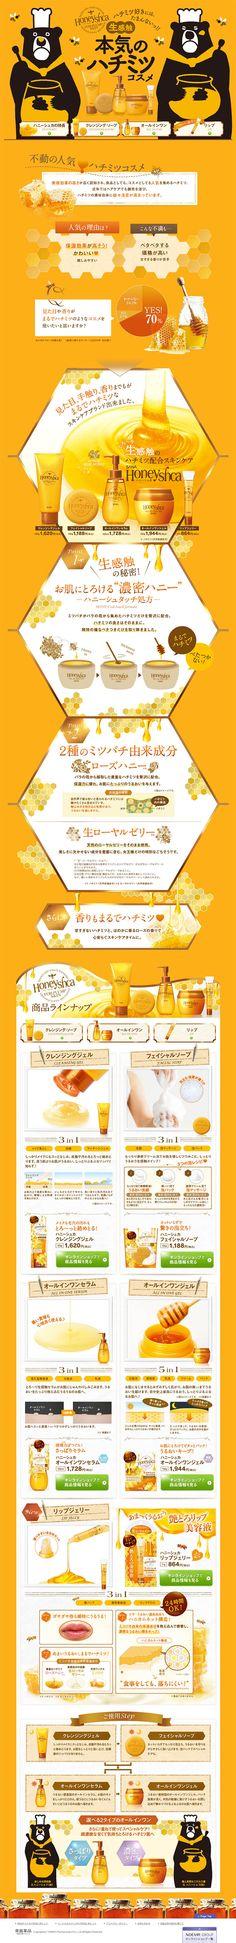 ランディングページ LP 本気のハチミツコスメ|スキンケア・美容商品|自社サイト